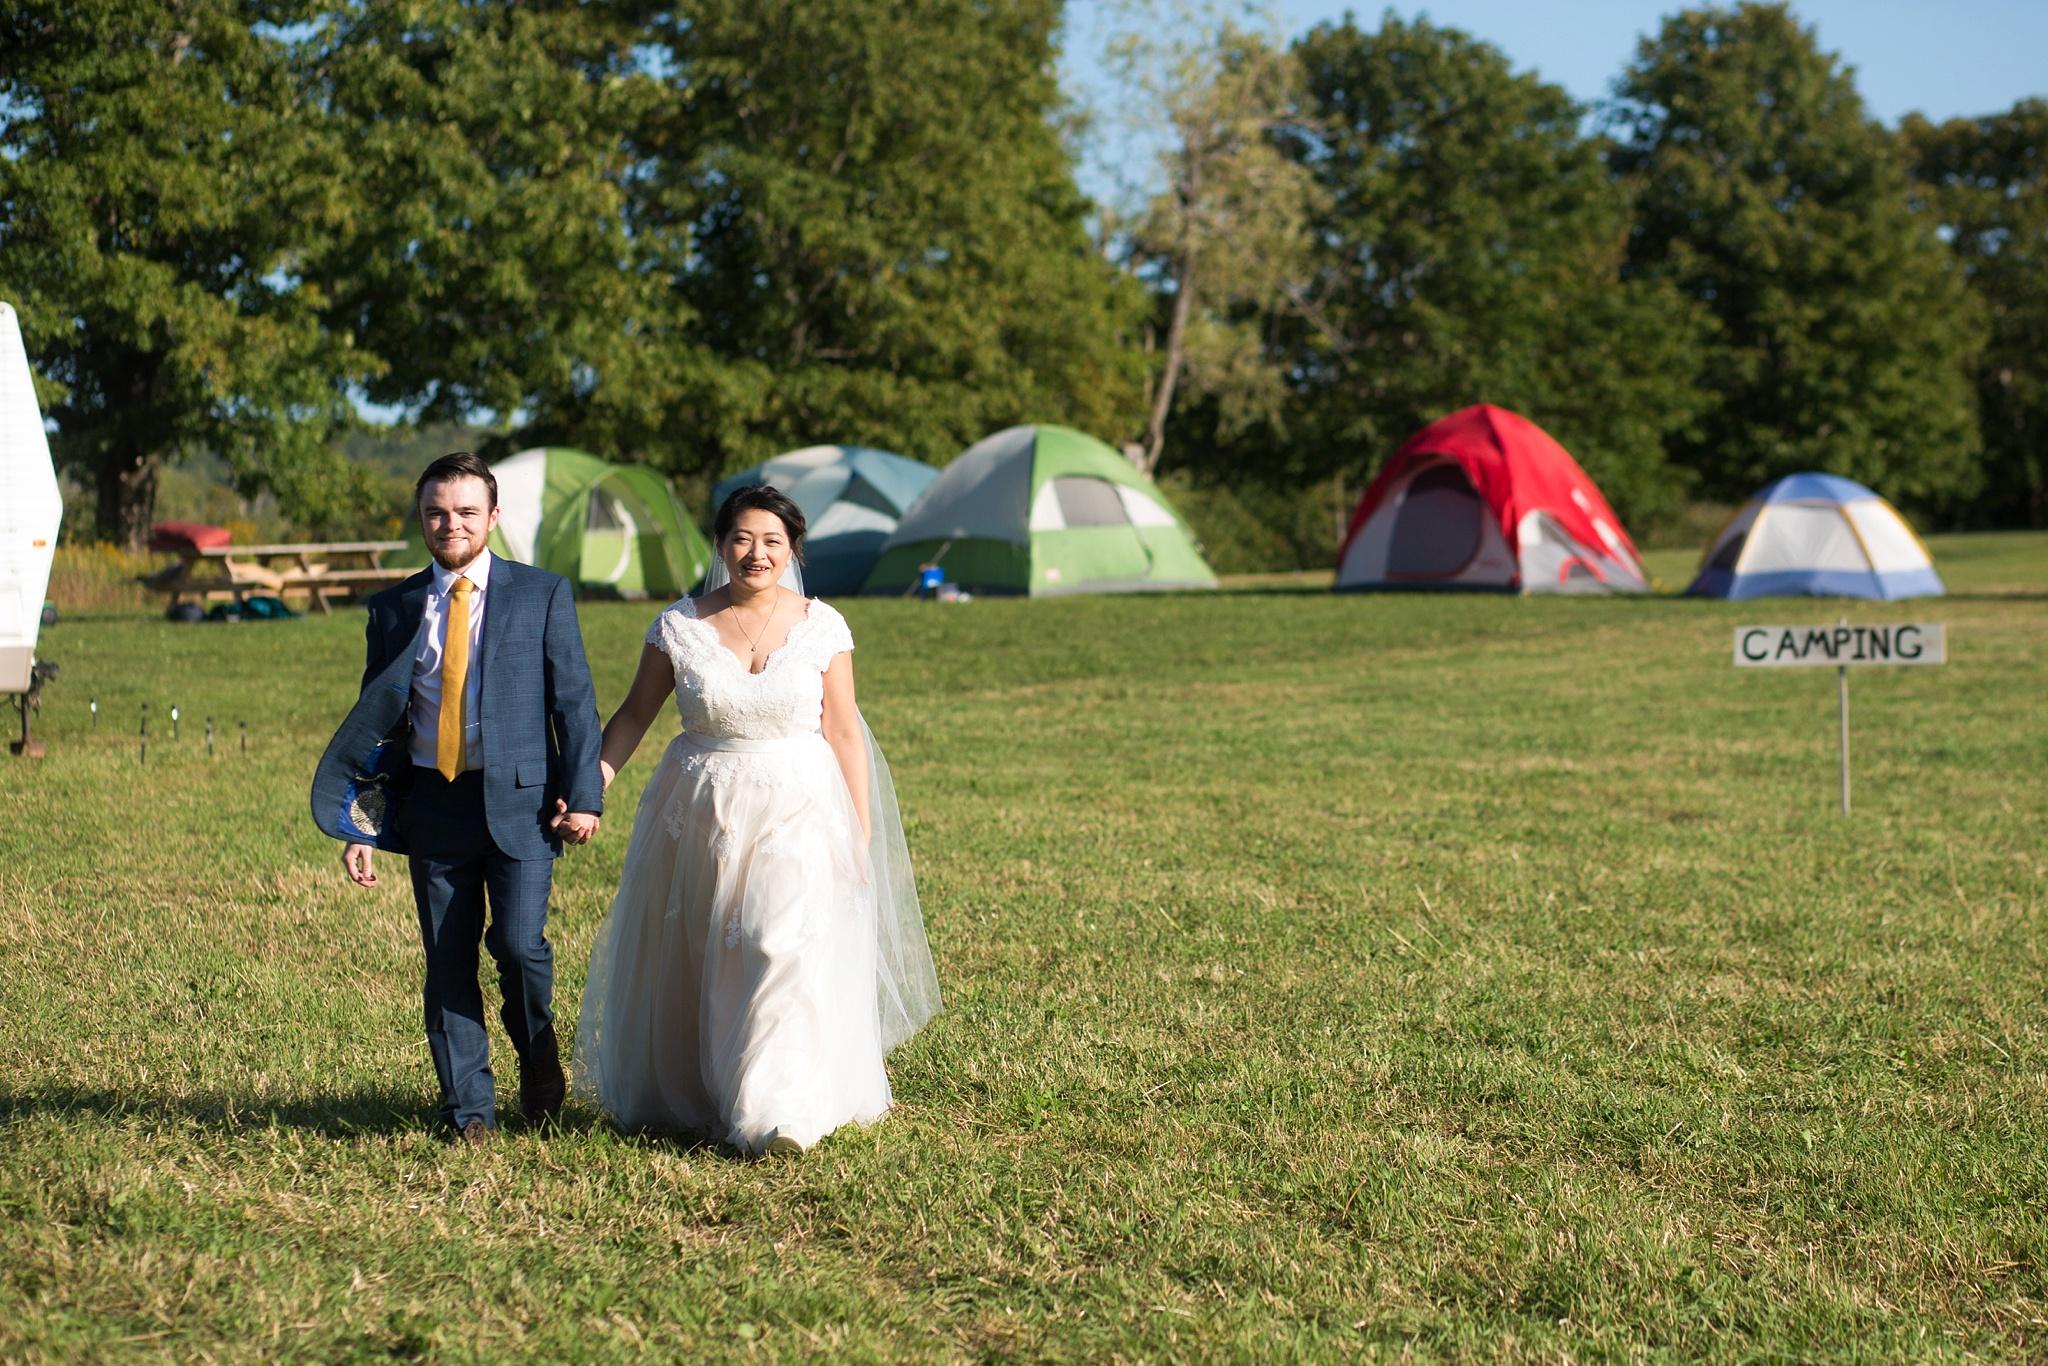 camping at wedding